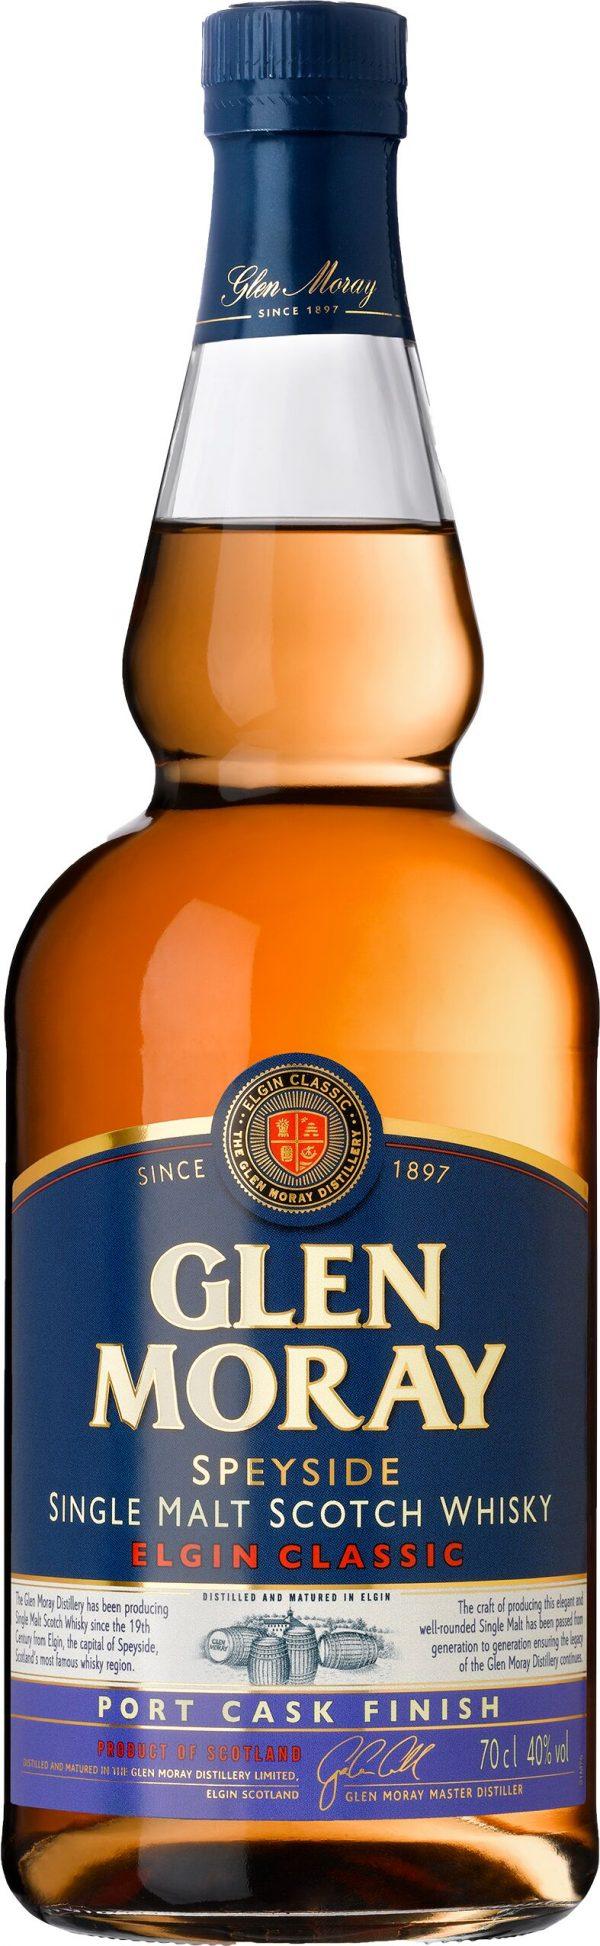 Glen Moray Port Cask Finish Speyside Single Malt 70cl